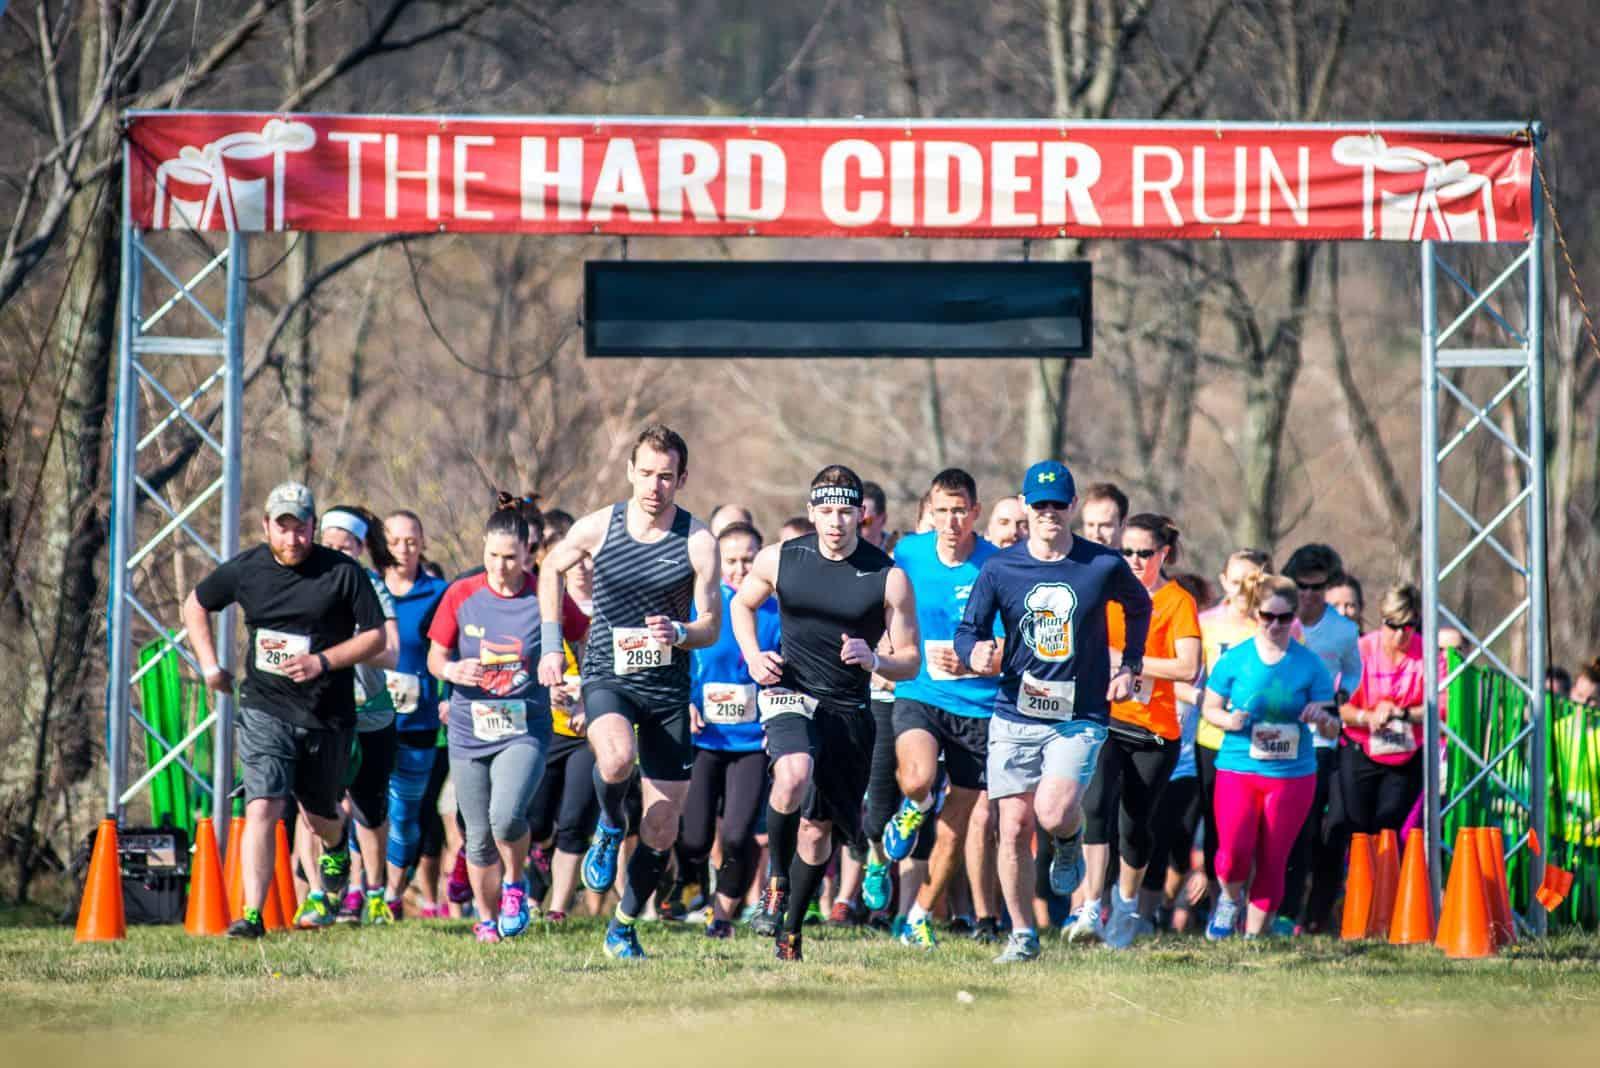 Hard Cider Run